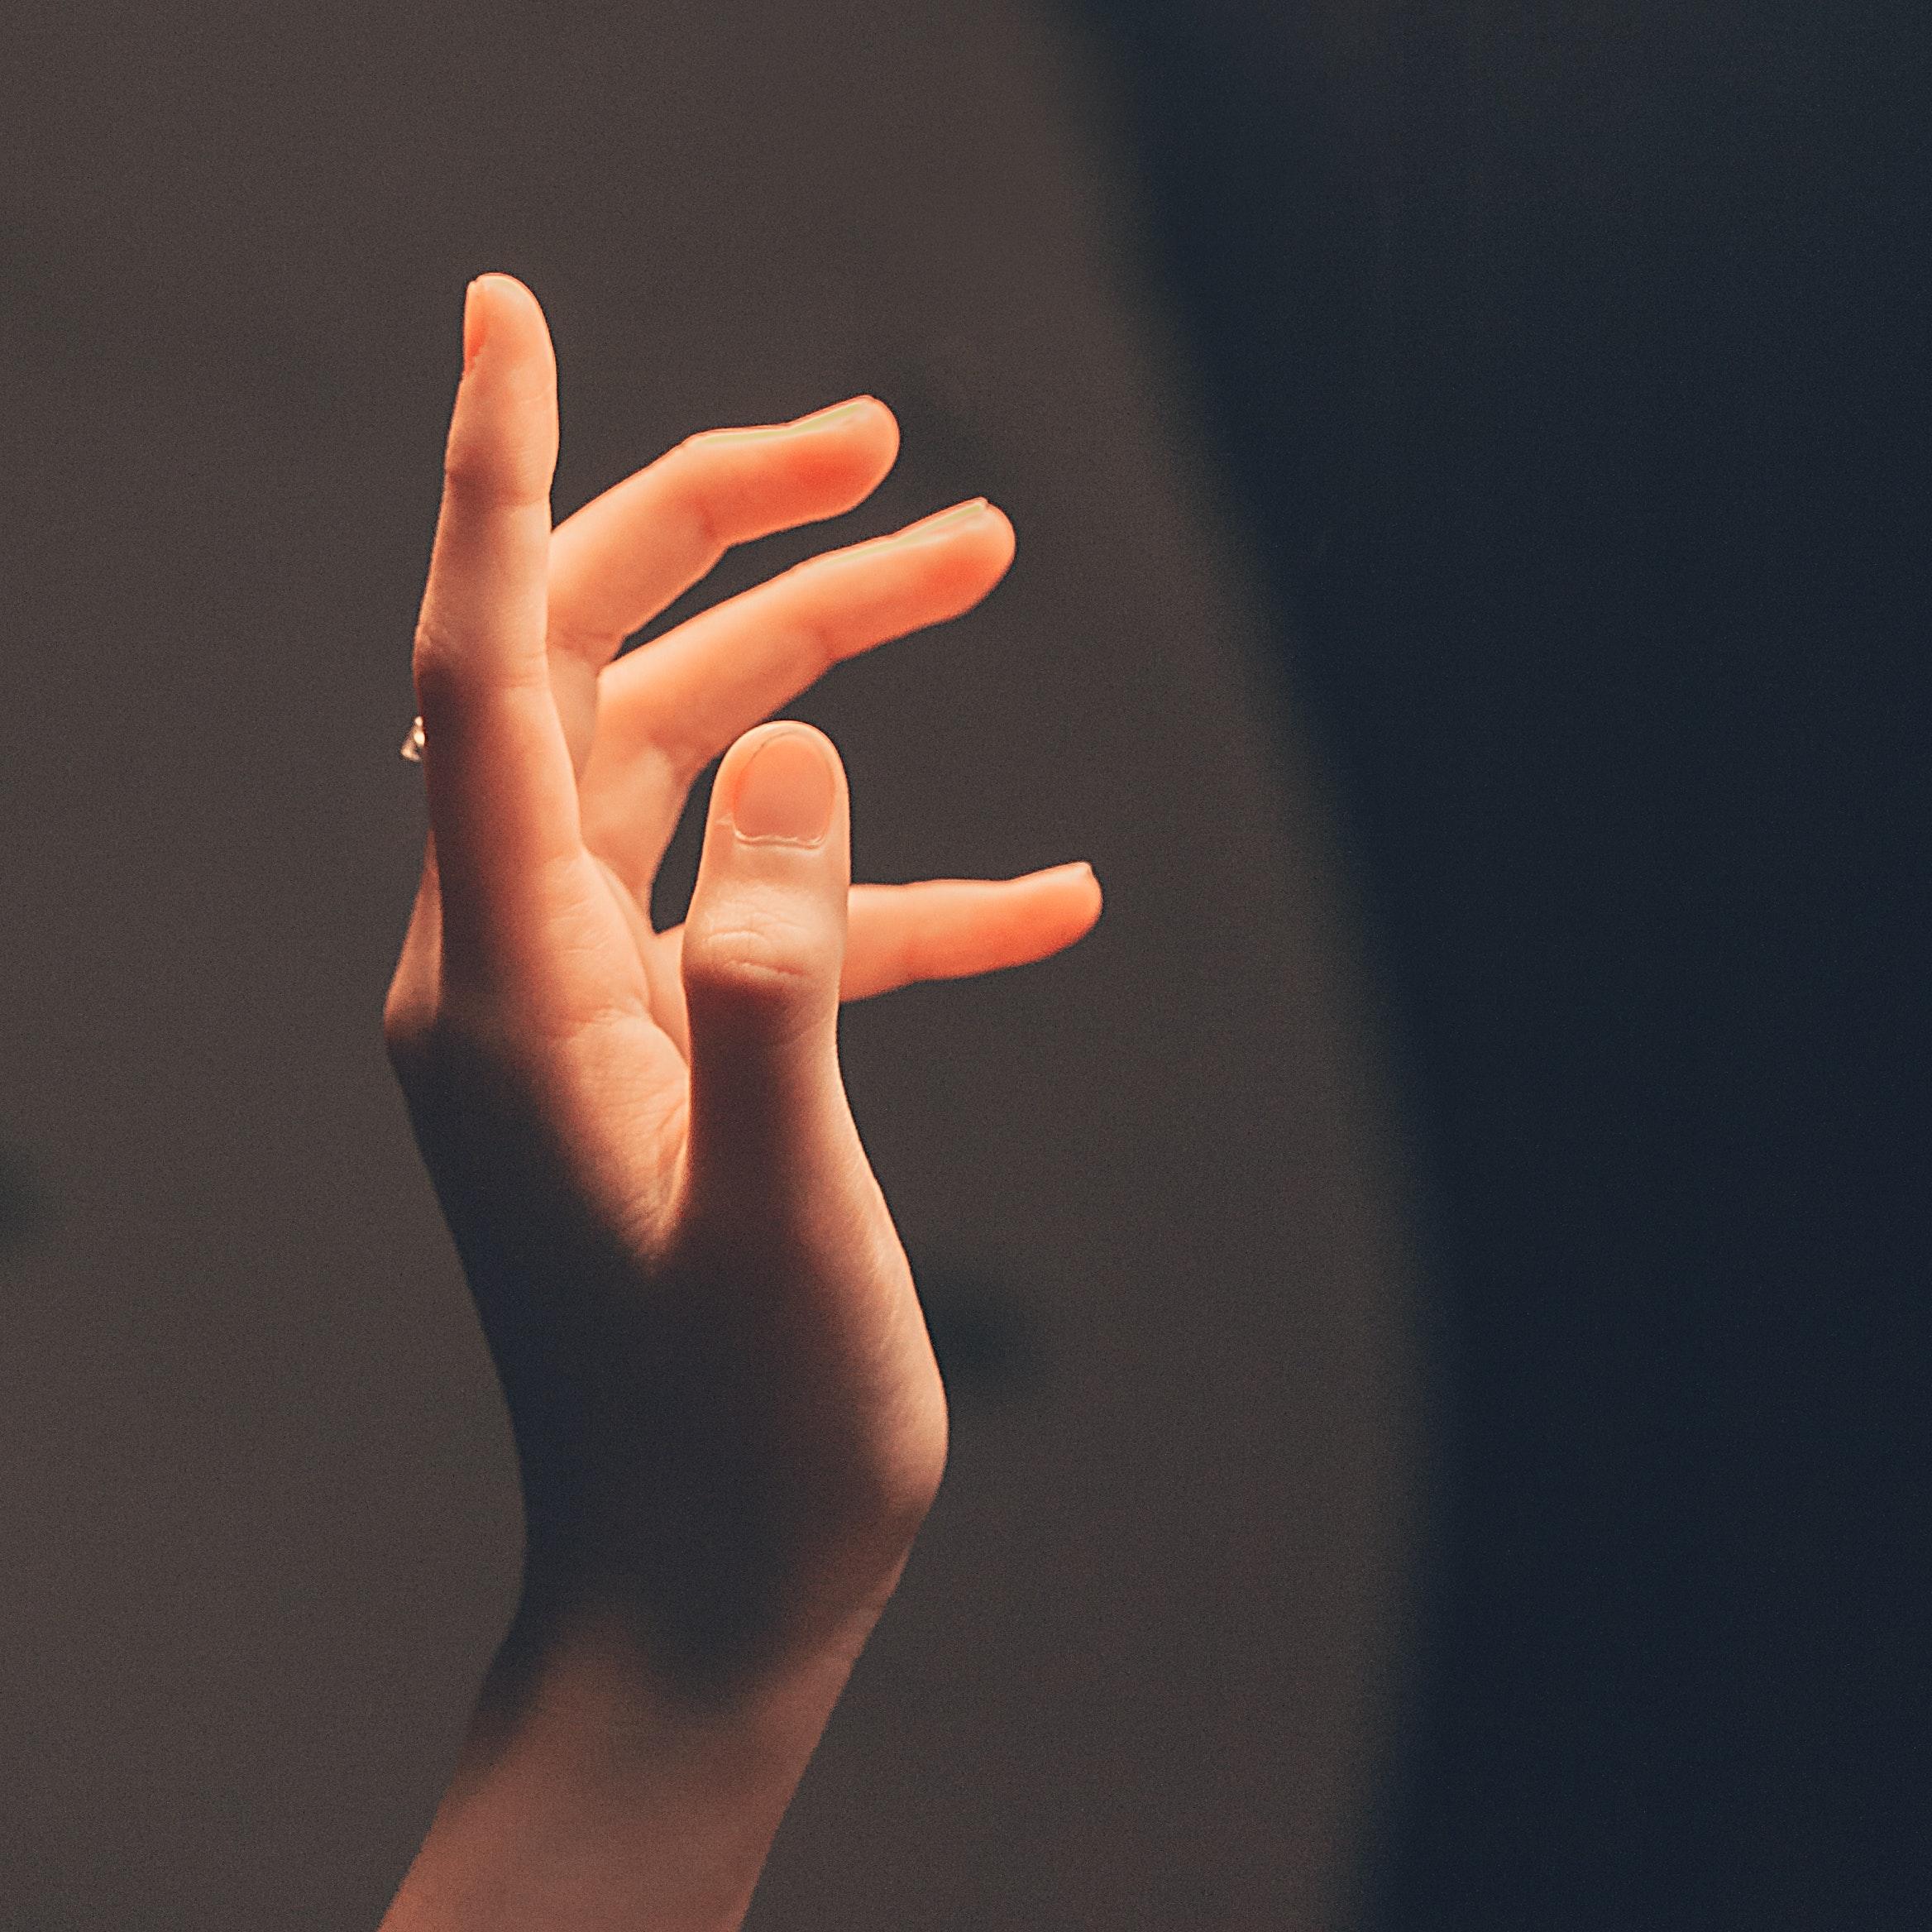 Yumuşak Eller İçin 10 Doğal Maske Tarifi